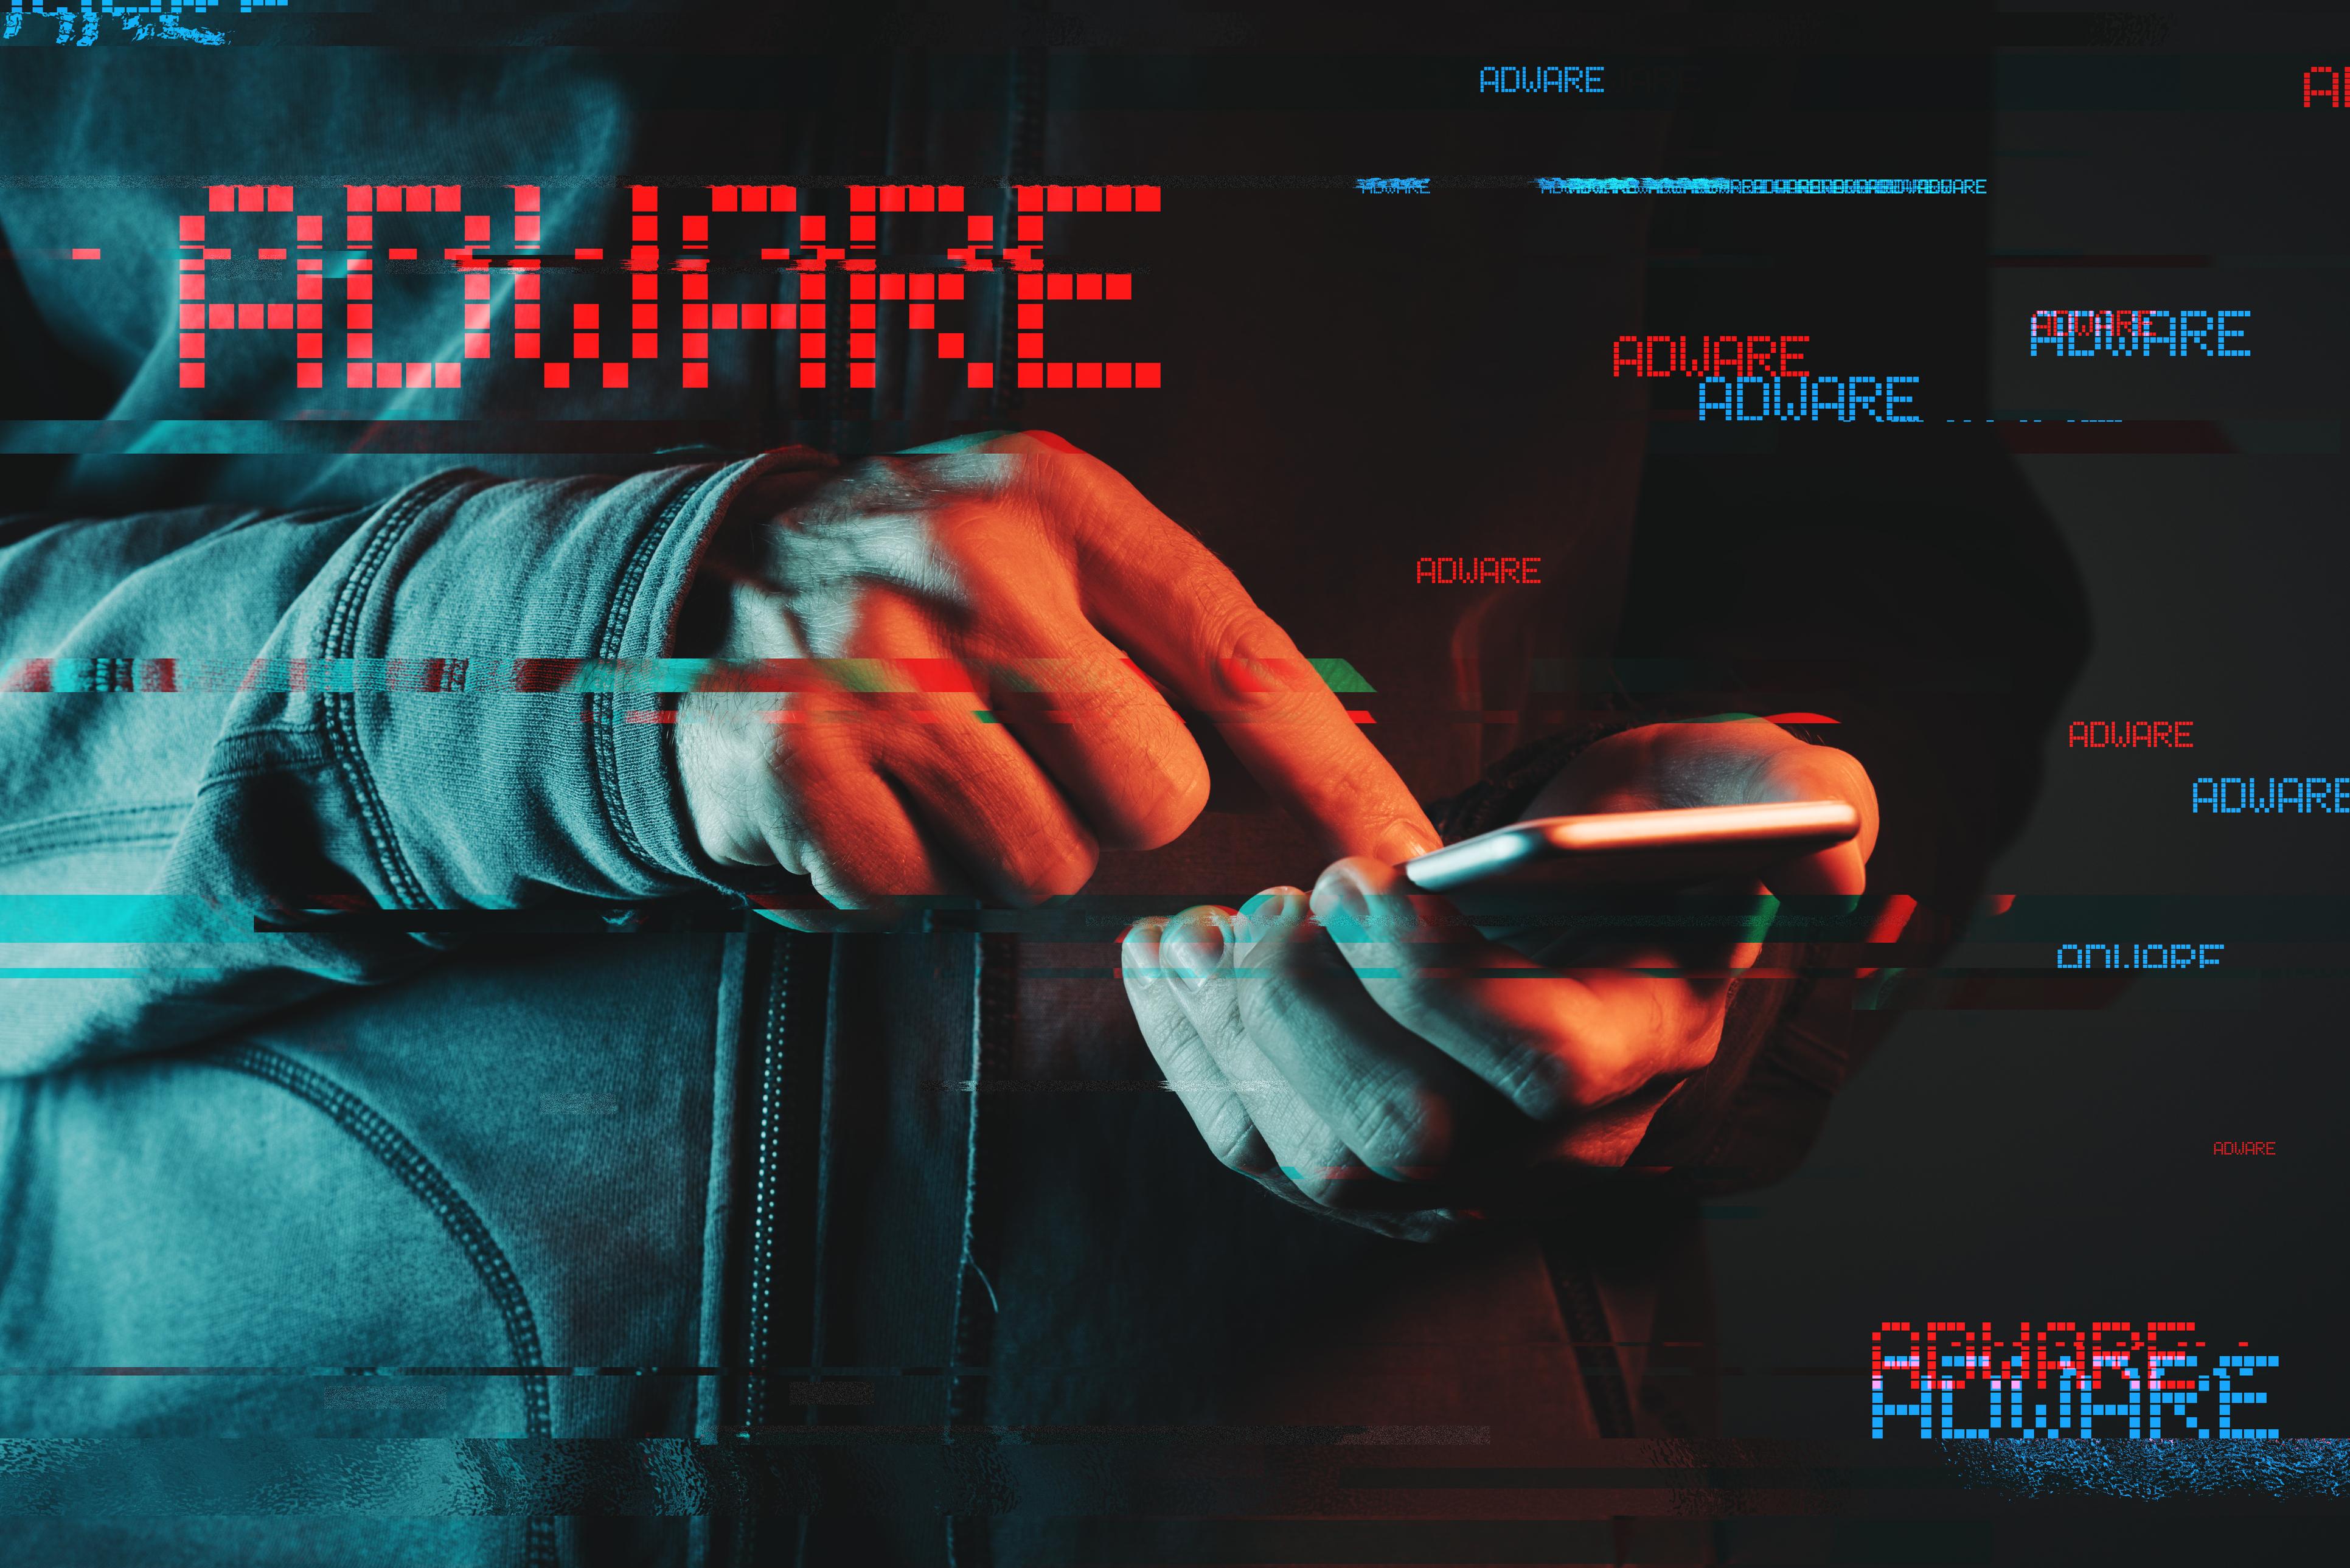 Ce înseamnă de fapt adware-ul preinstalat pentru utilizatorii de telefonie mobilă?